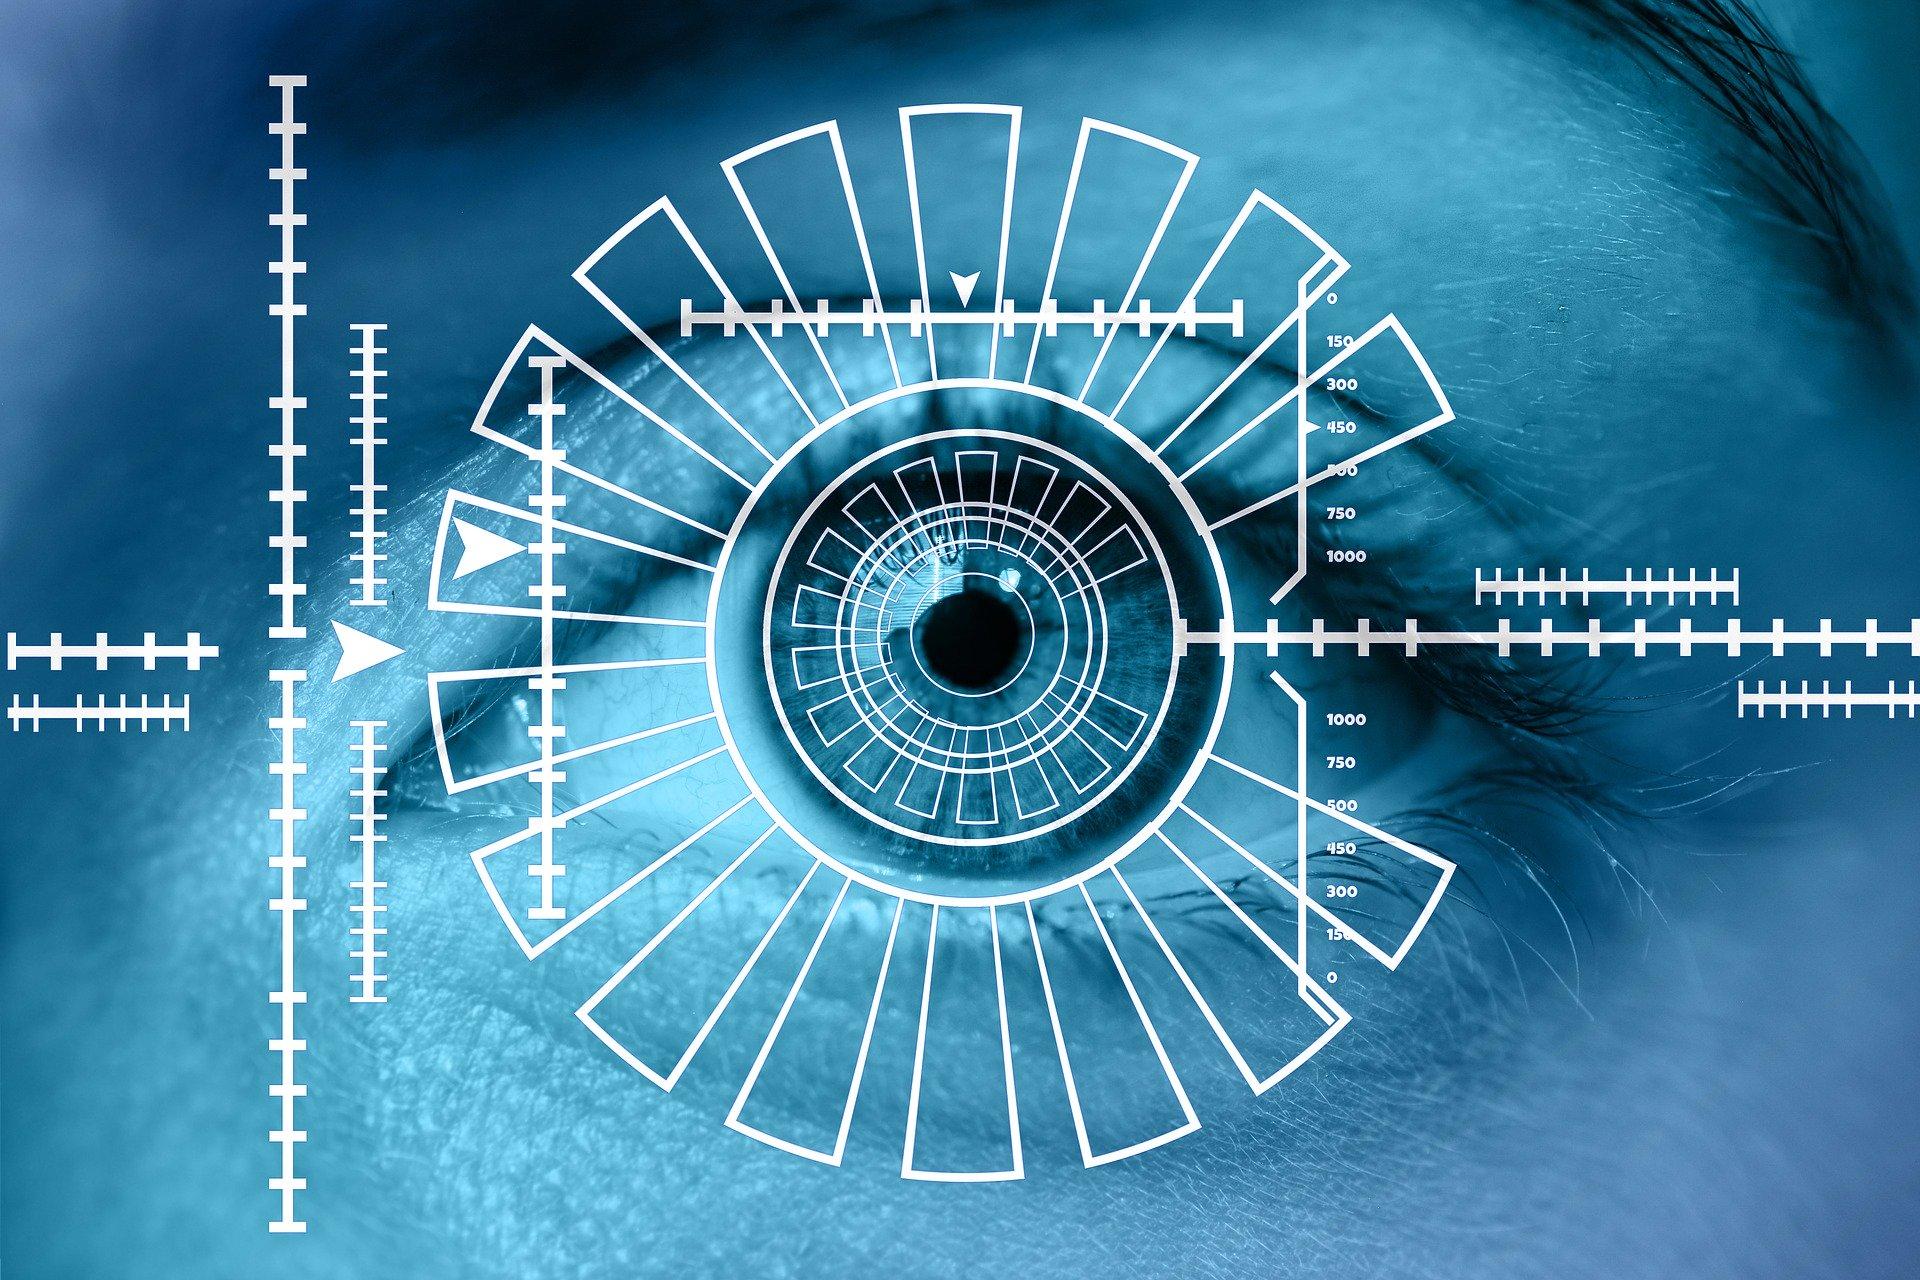 La Cnil publie une feuille de route sur les dispositifs de reconnaissance faciale